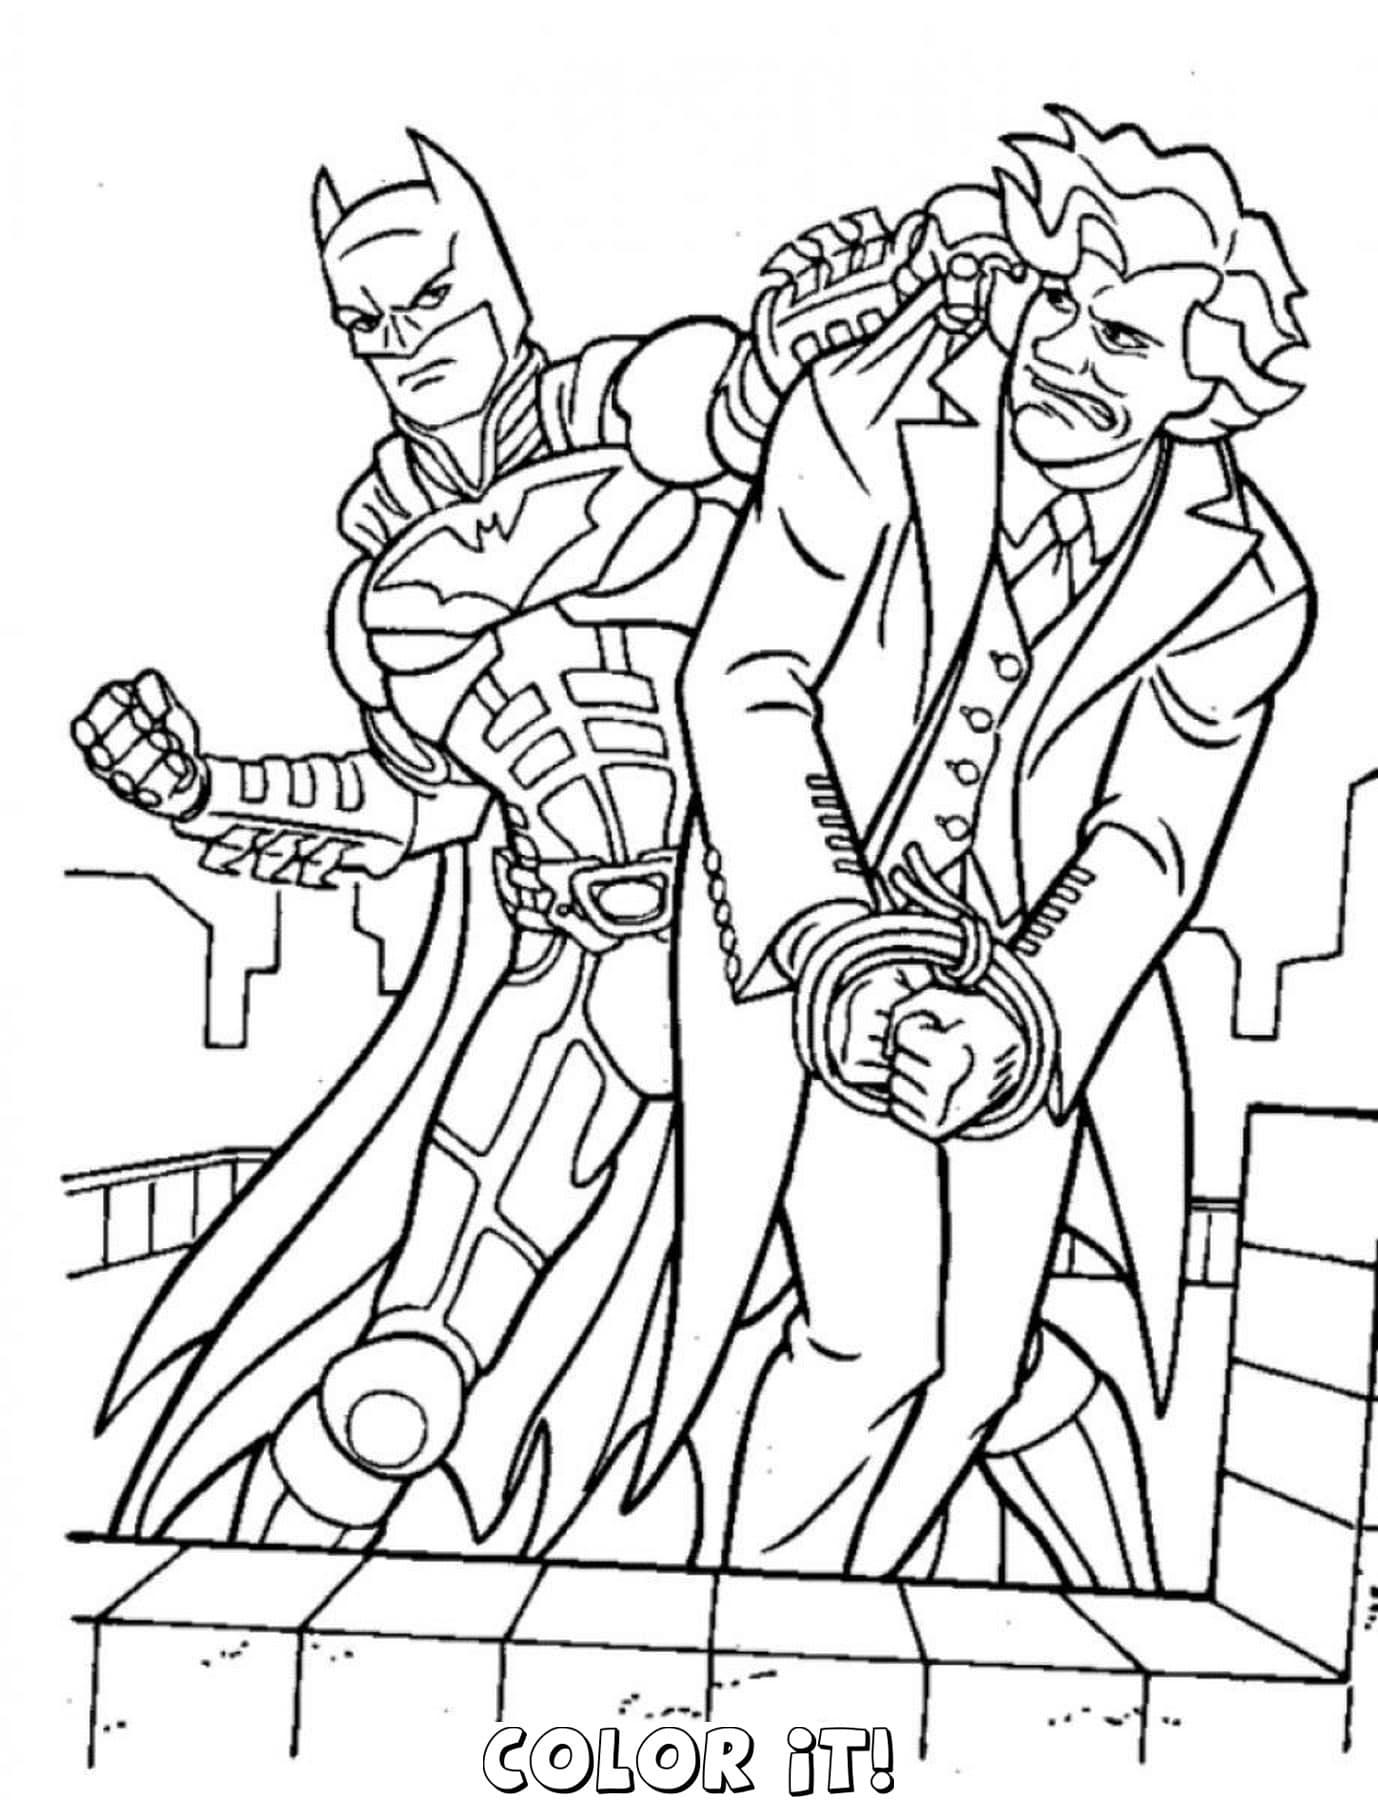 310 Dessins De Coloriage Batman À Imprimer Sur Laguerche tout Coloriage Batman